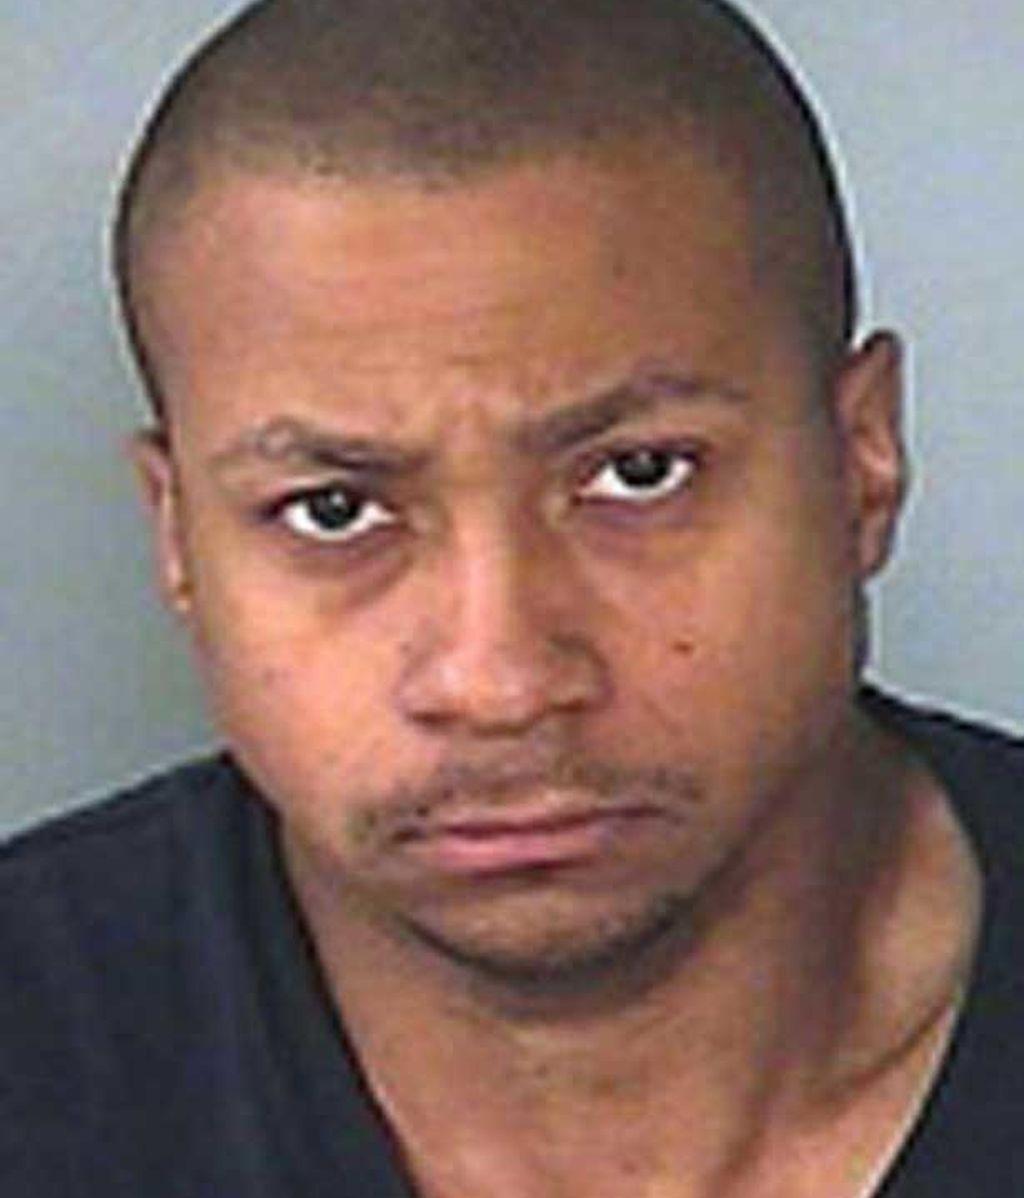 Robert Wilson, condenado por matar a golpe al hijo de su pareja